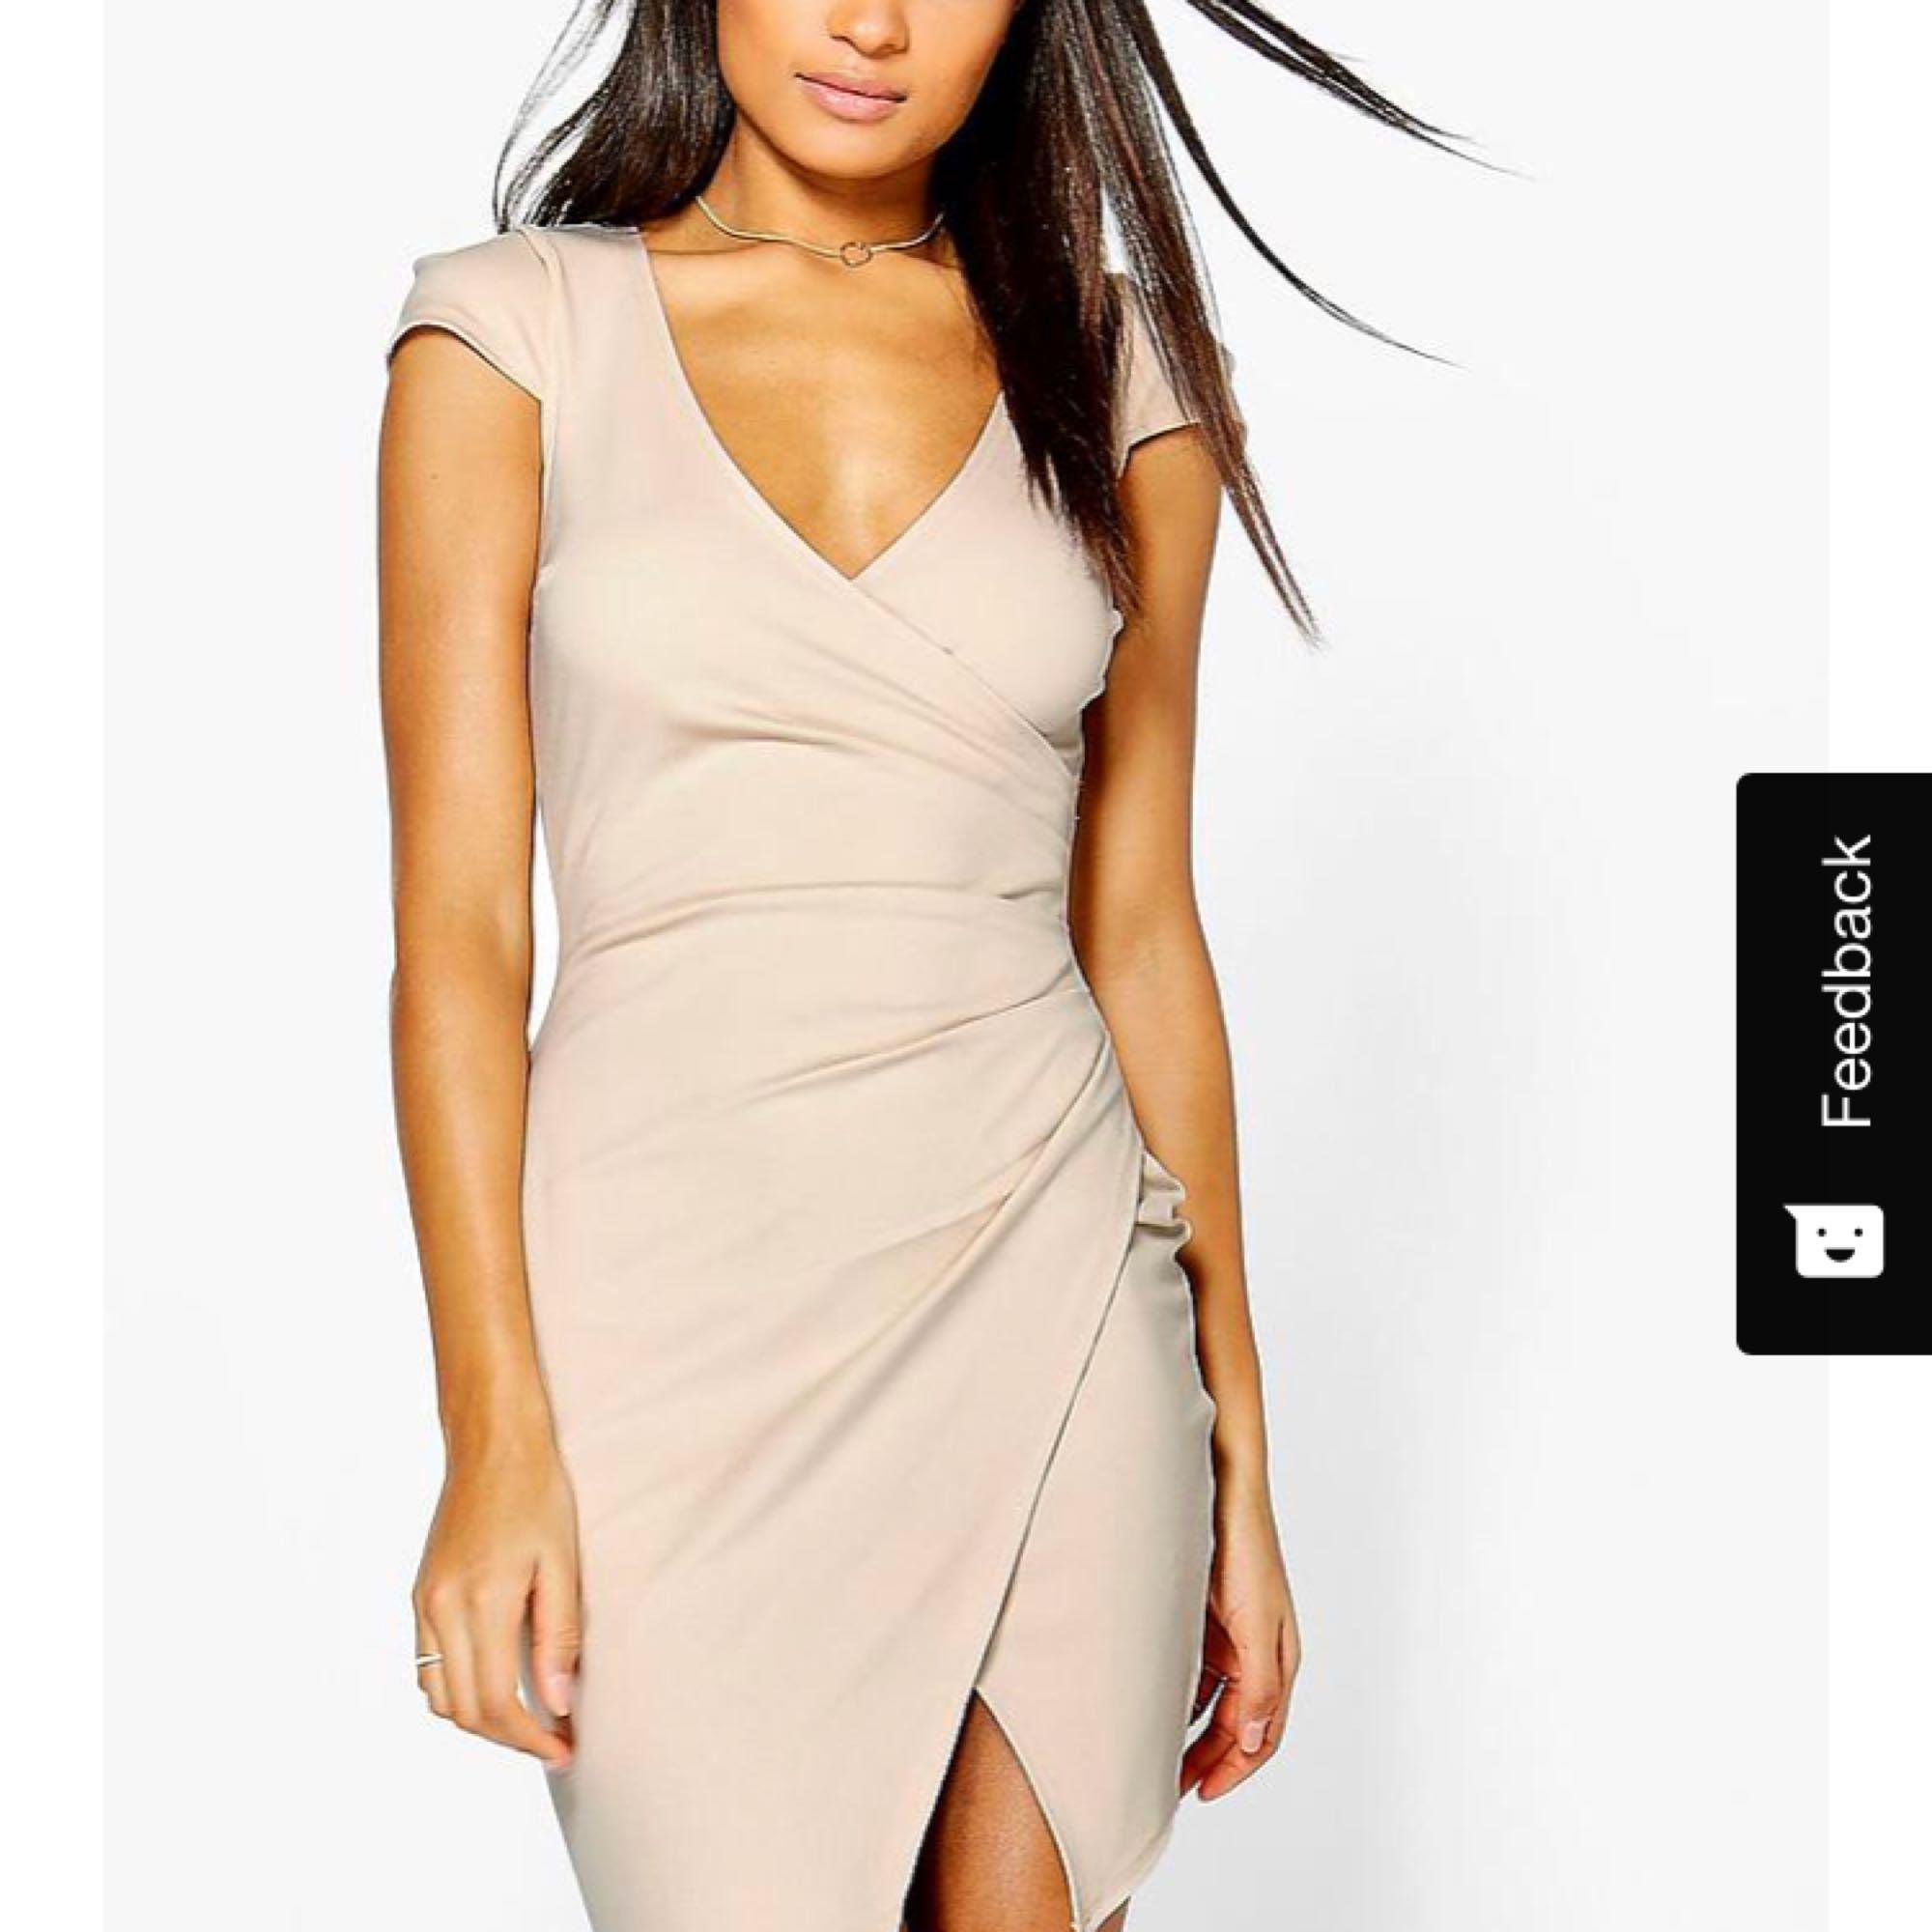 352895fe3156 Supersnygg beige klänning. Jättefin modell som är väldigt smickrande för  kroppen. Aldrig använd .